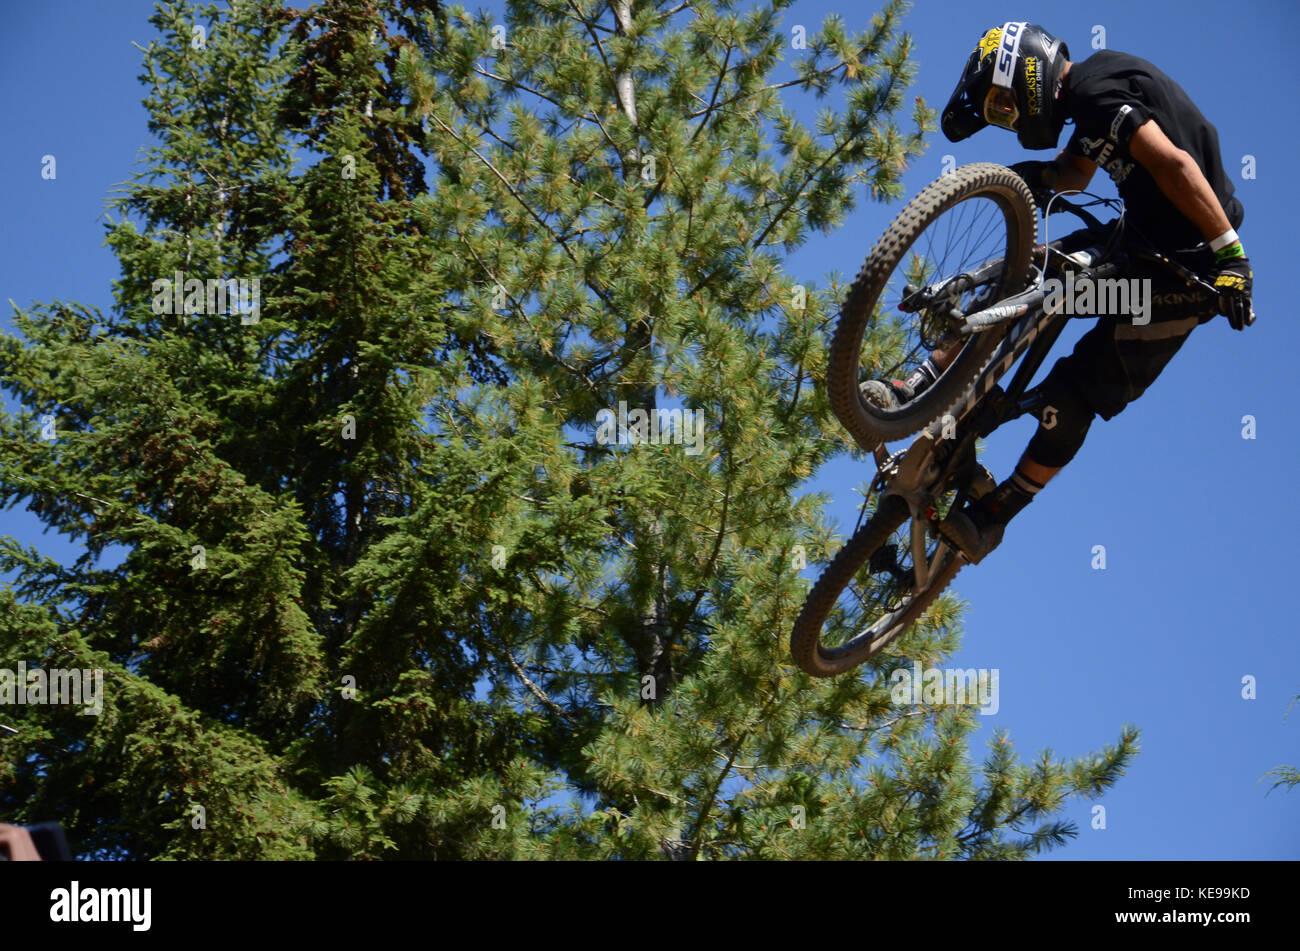 Whip Off World Championships - Crankworx Whistler, BC, Canada  2017 - Stock Image